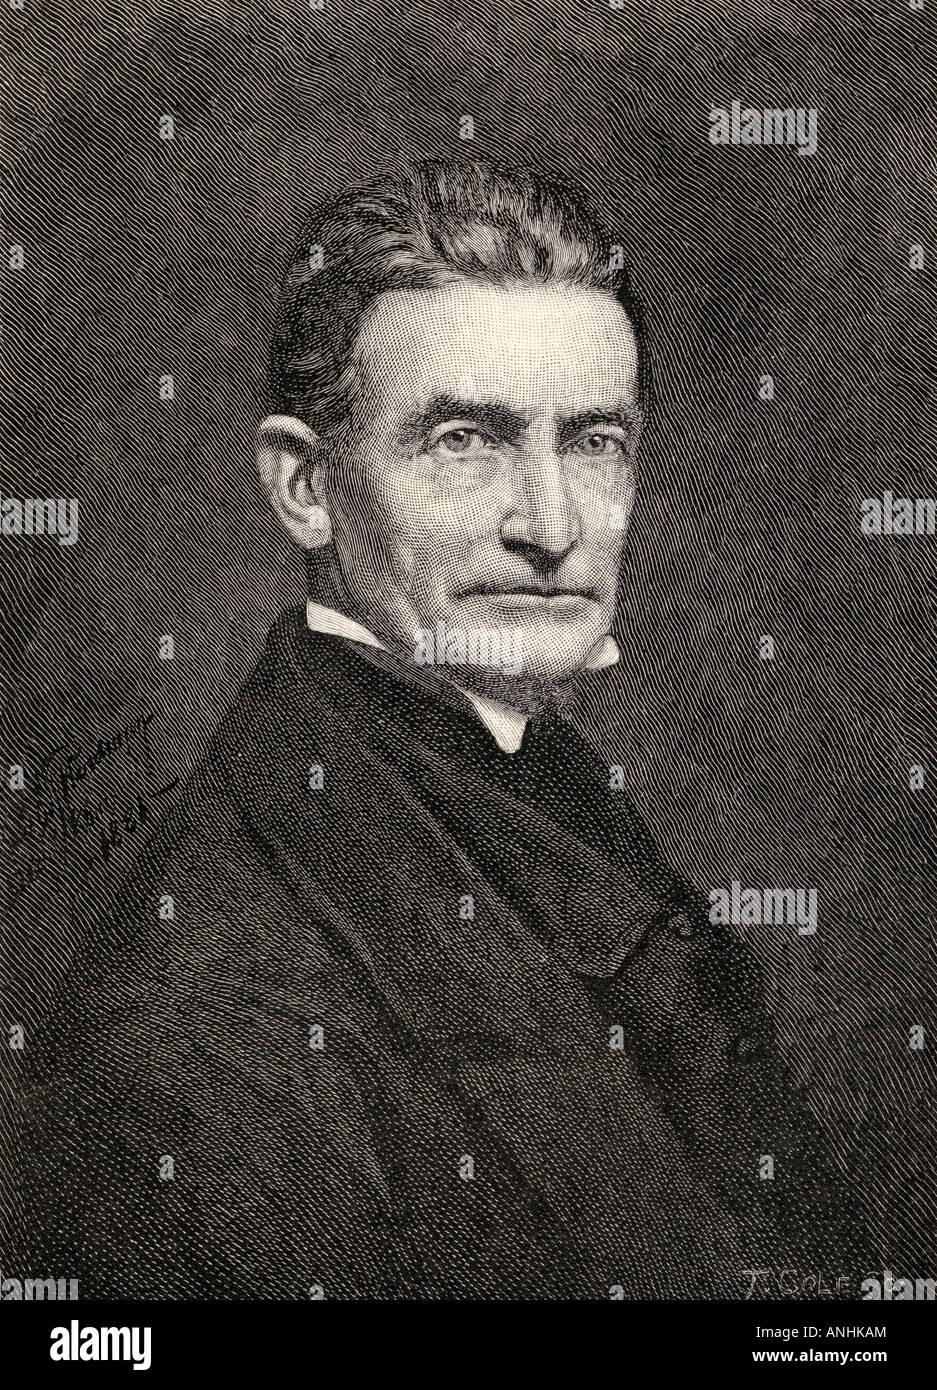 John Brown, 1800 - 1859. Abolitionniste américain blanc. Du livre The Century Illustrated Monthly Magazine, mai à octobre 1883. Banque D'Images